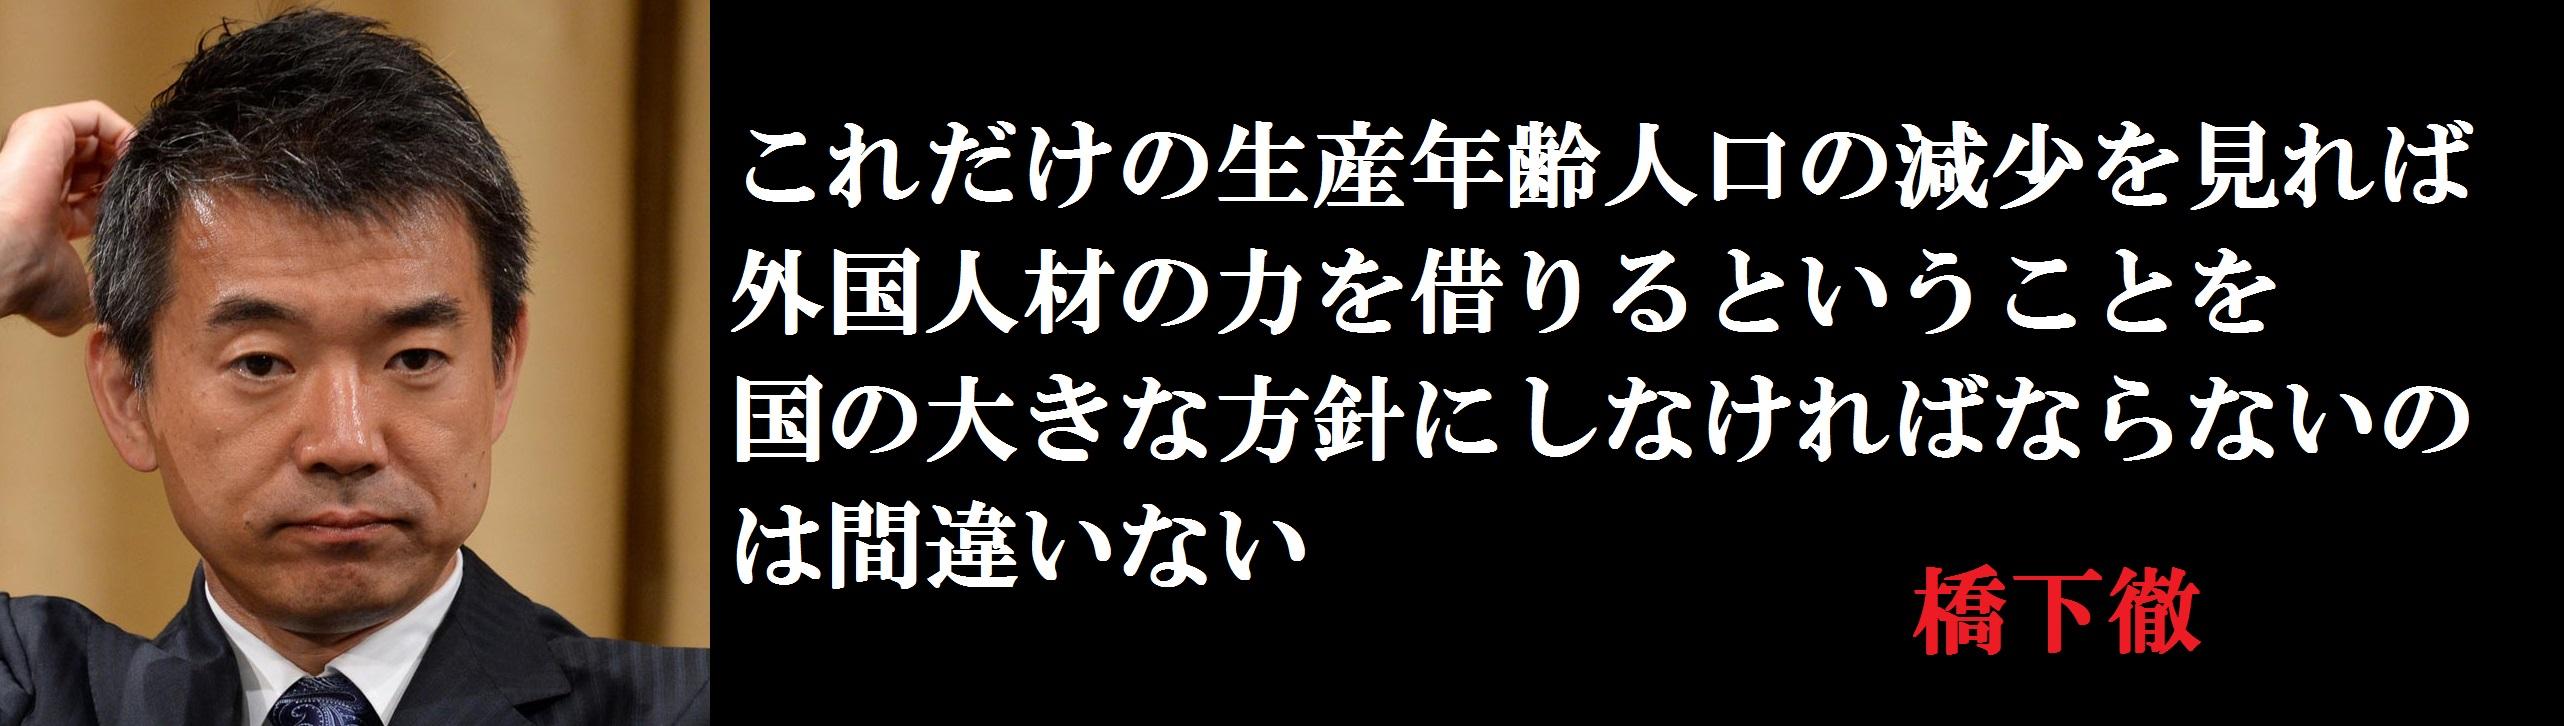 f:id:JAPbuster:20160911133411j:plain